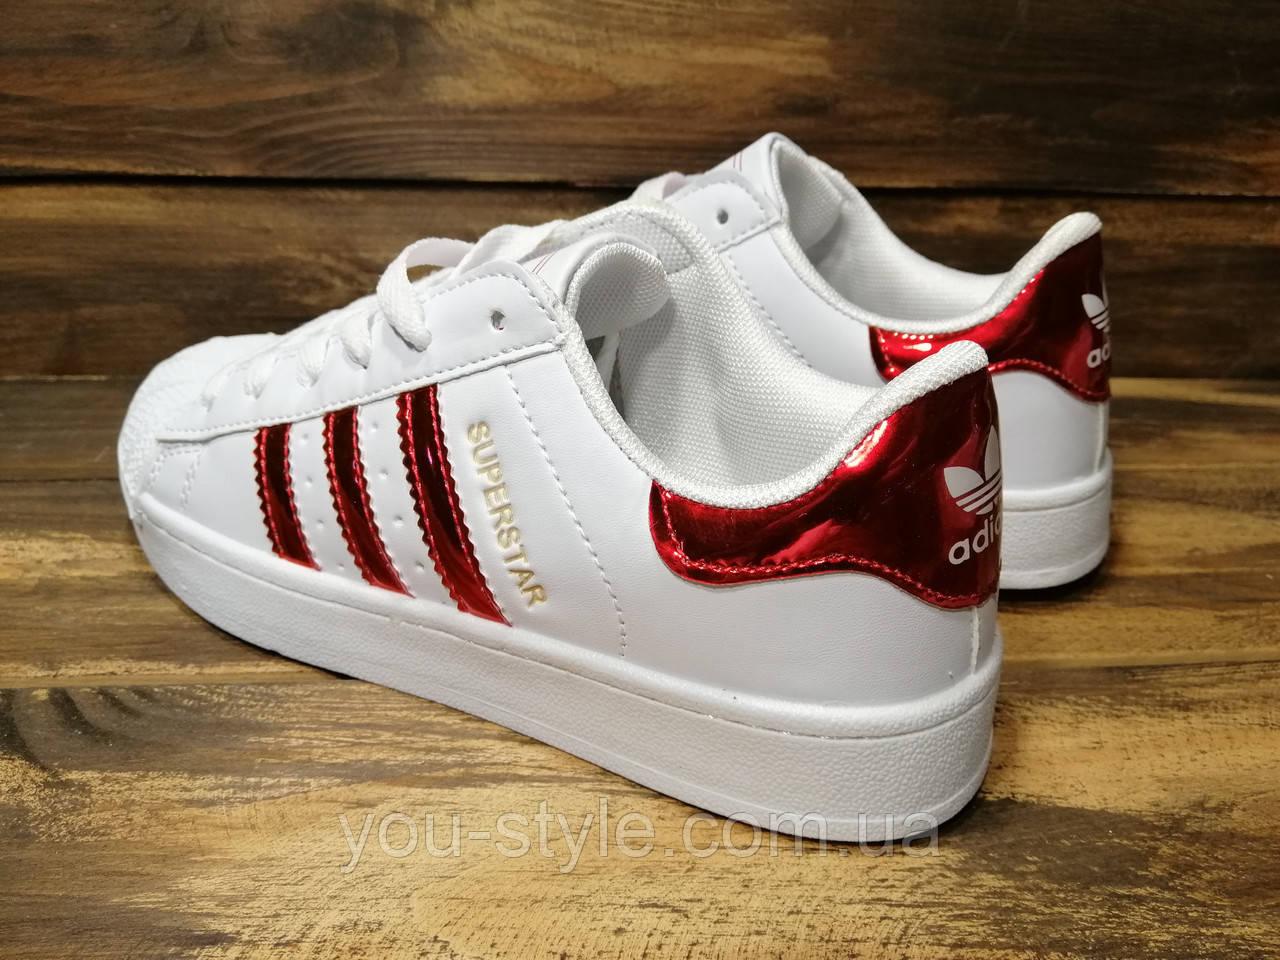 8f9dc2593 Кроссовки женские Adidas Superstar (реплика) 0003, цена 620 грн., купить в  Харькове — Prom.ua (ID#874444671)